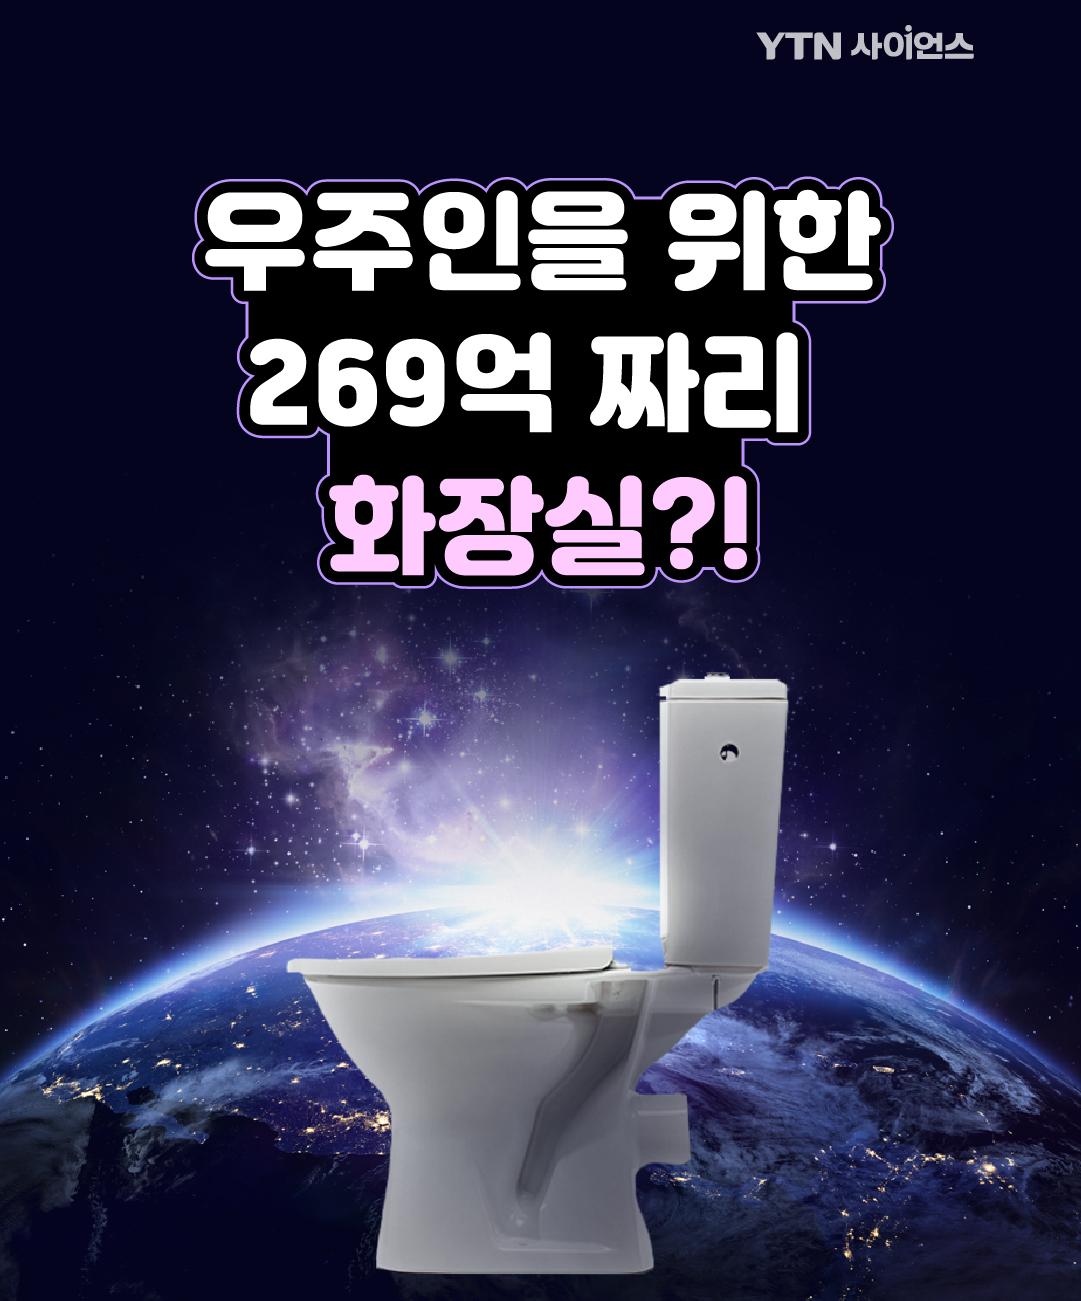 우주인을 위한 269억 짜리 화장실?! 이미지